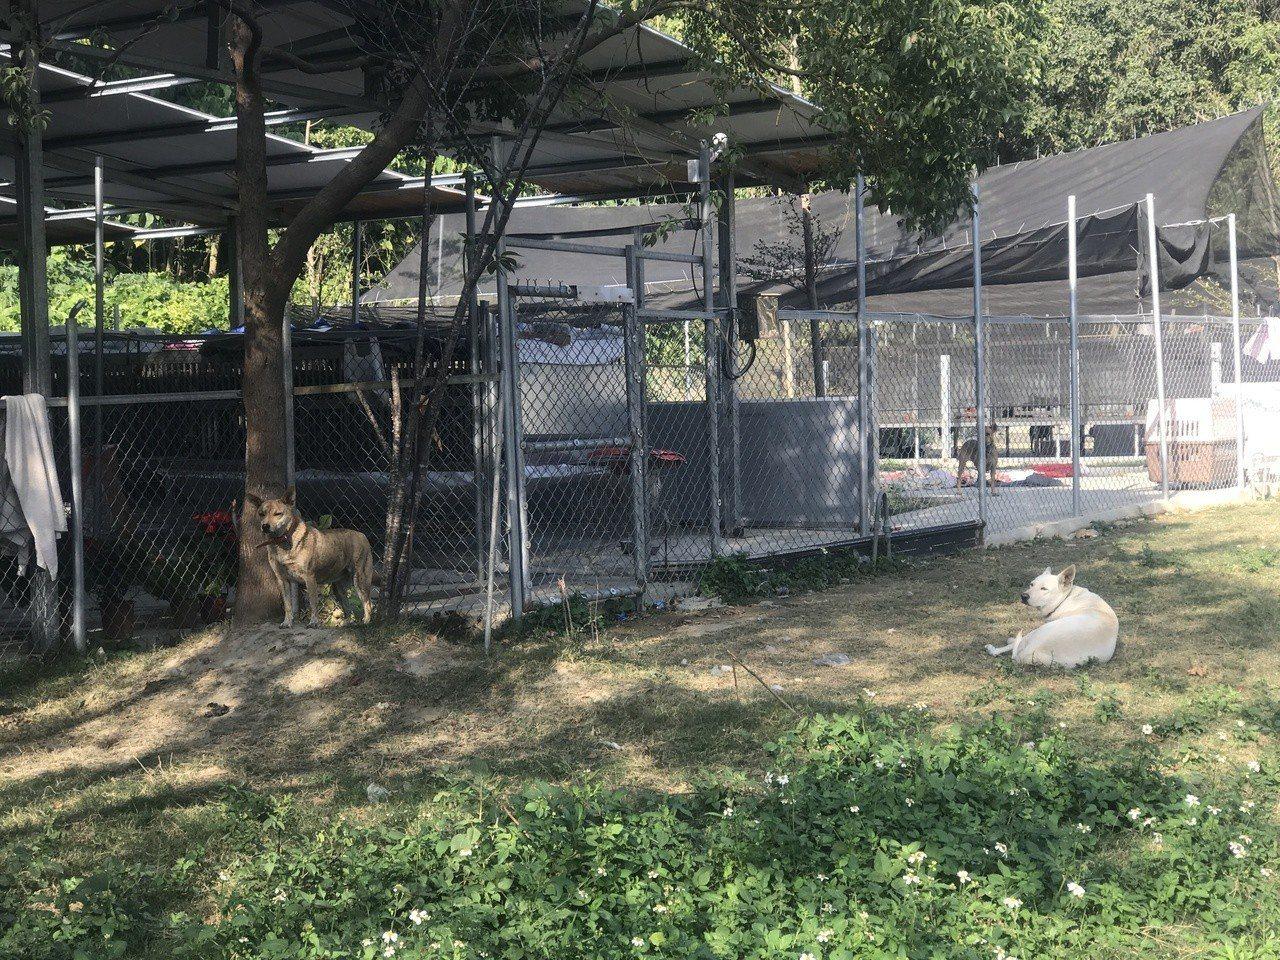 彰化流浪狗為患,有善心人士提供私人土地收容流浪狗。記者林宛諭/攝影